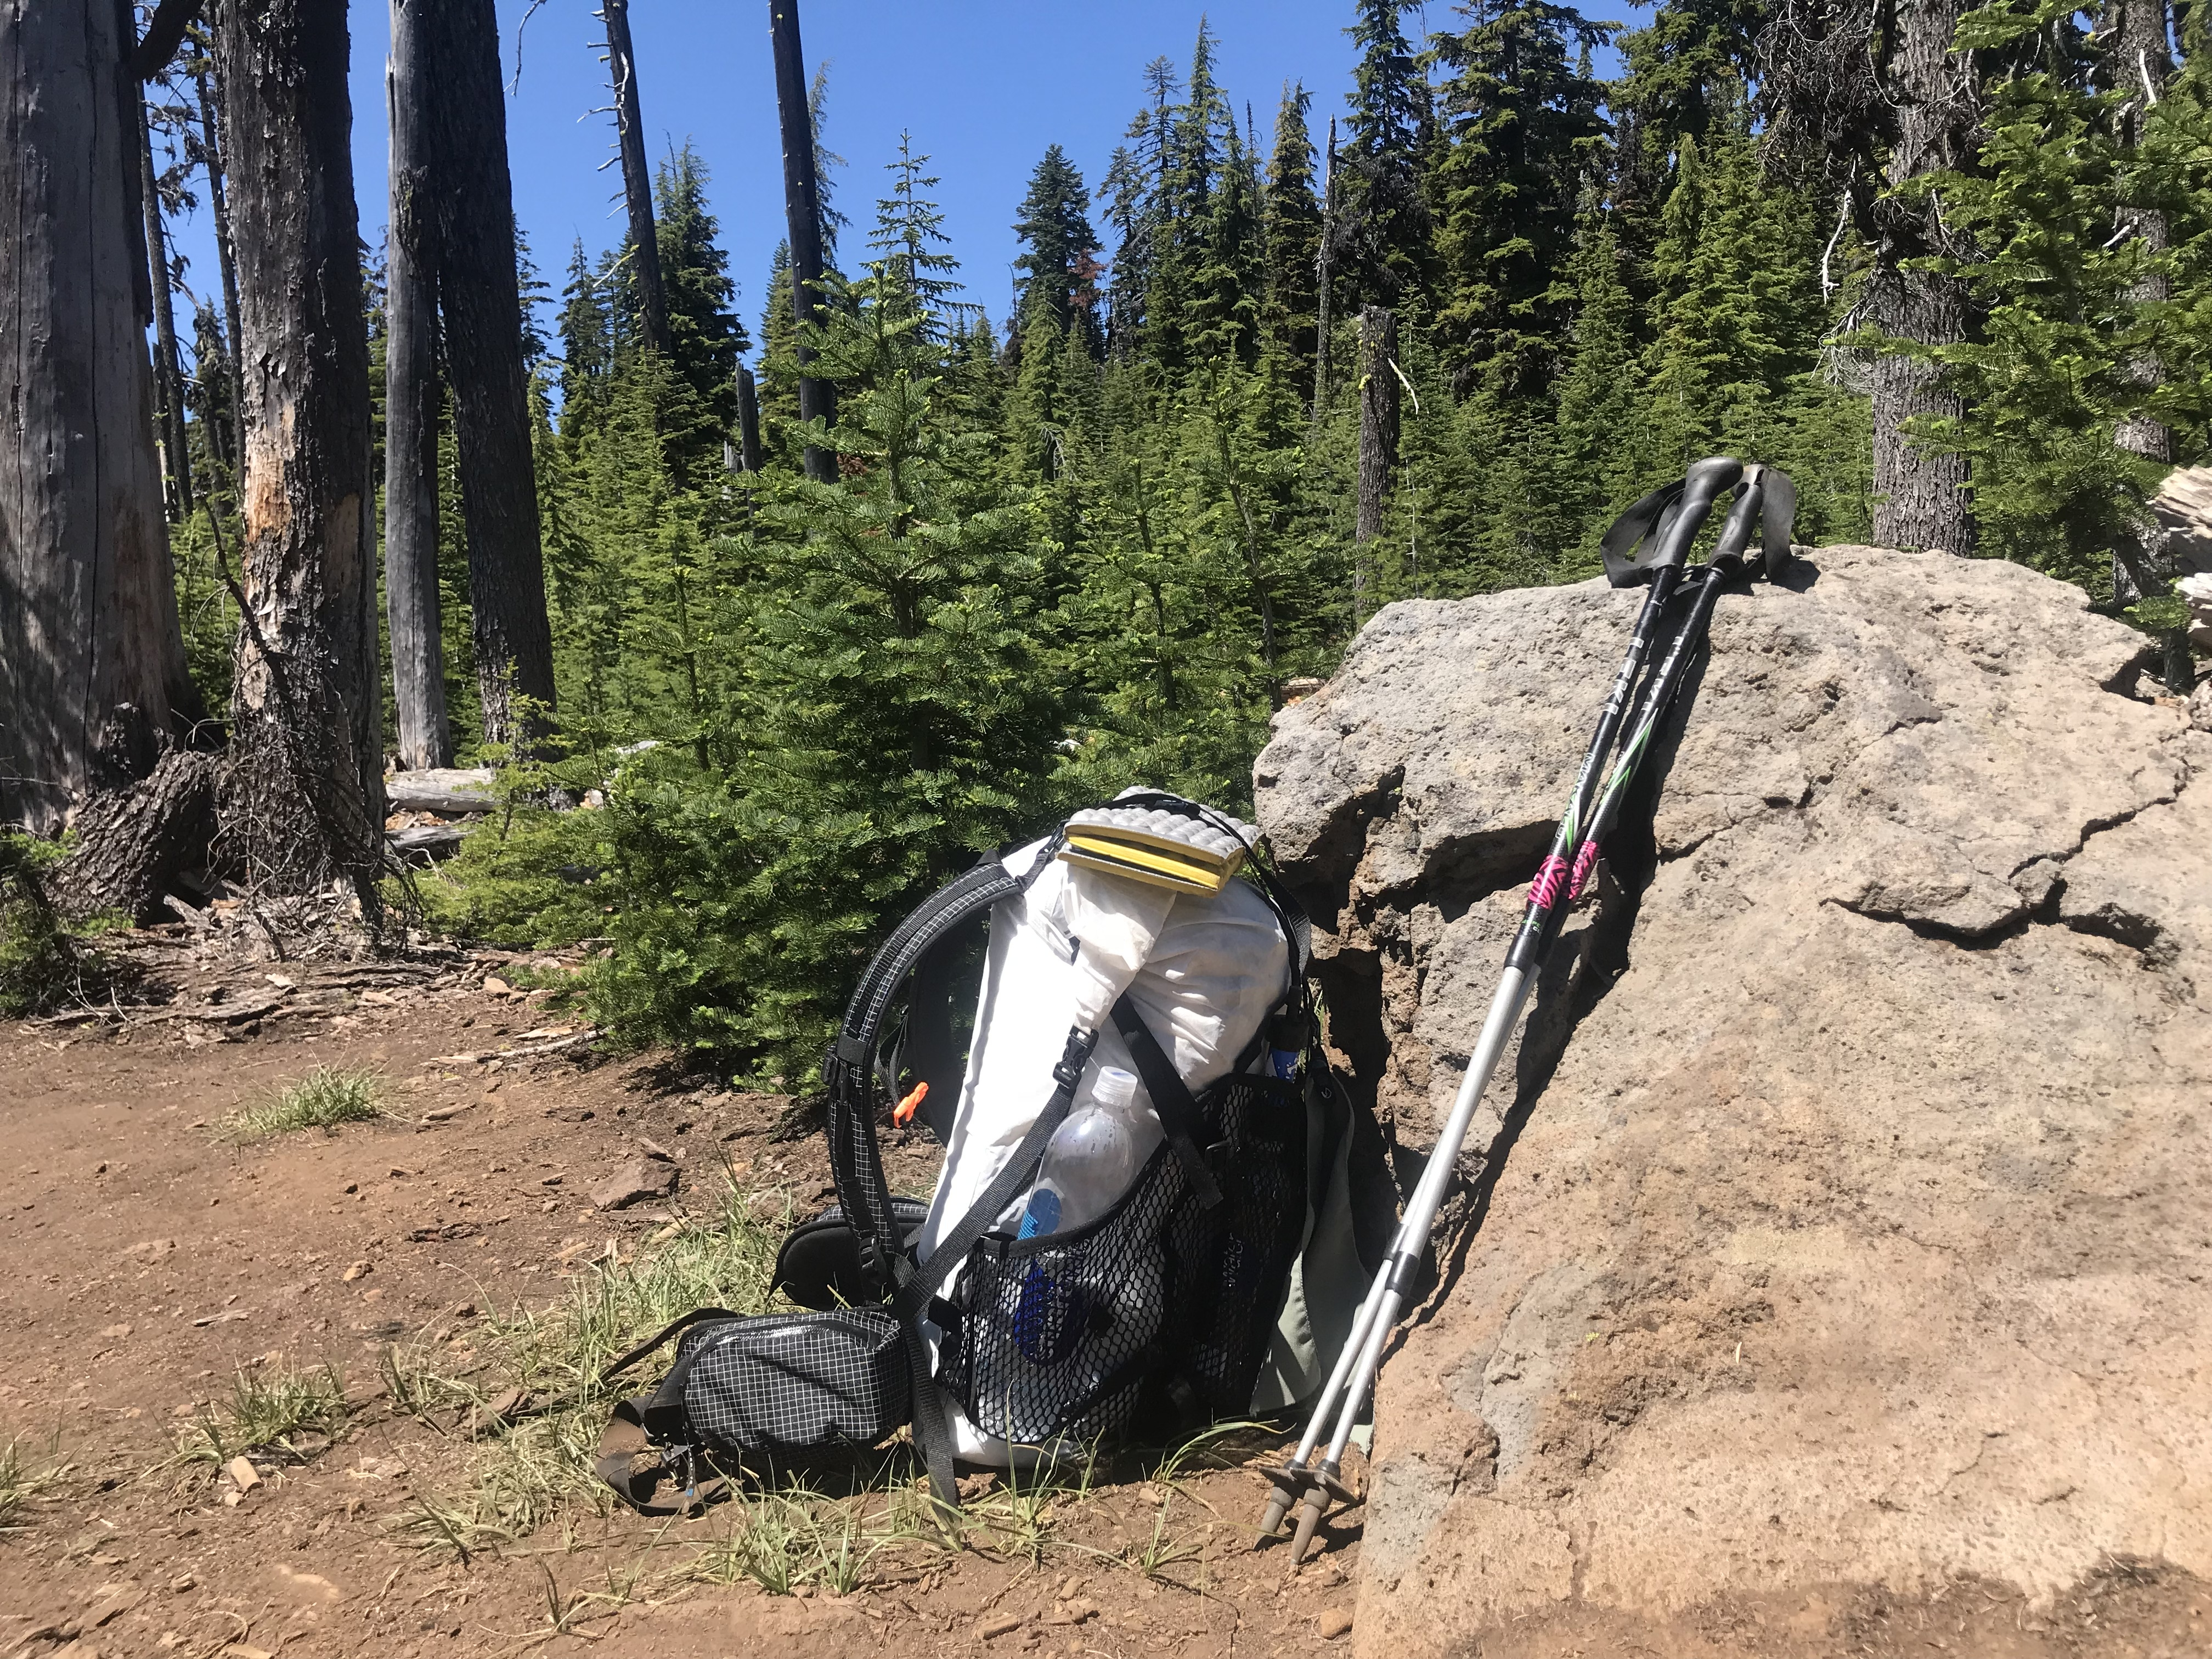 Gear Review  Hyperlite Mountain Gear Windrider 3400 - The Trek 0c1e1ea29